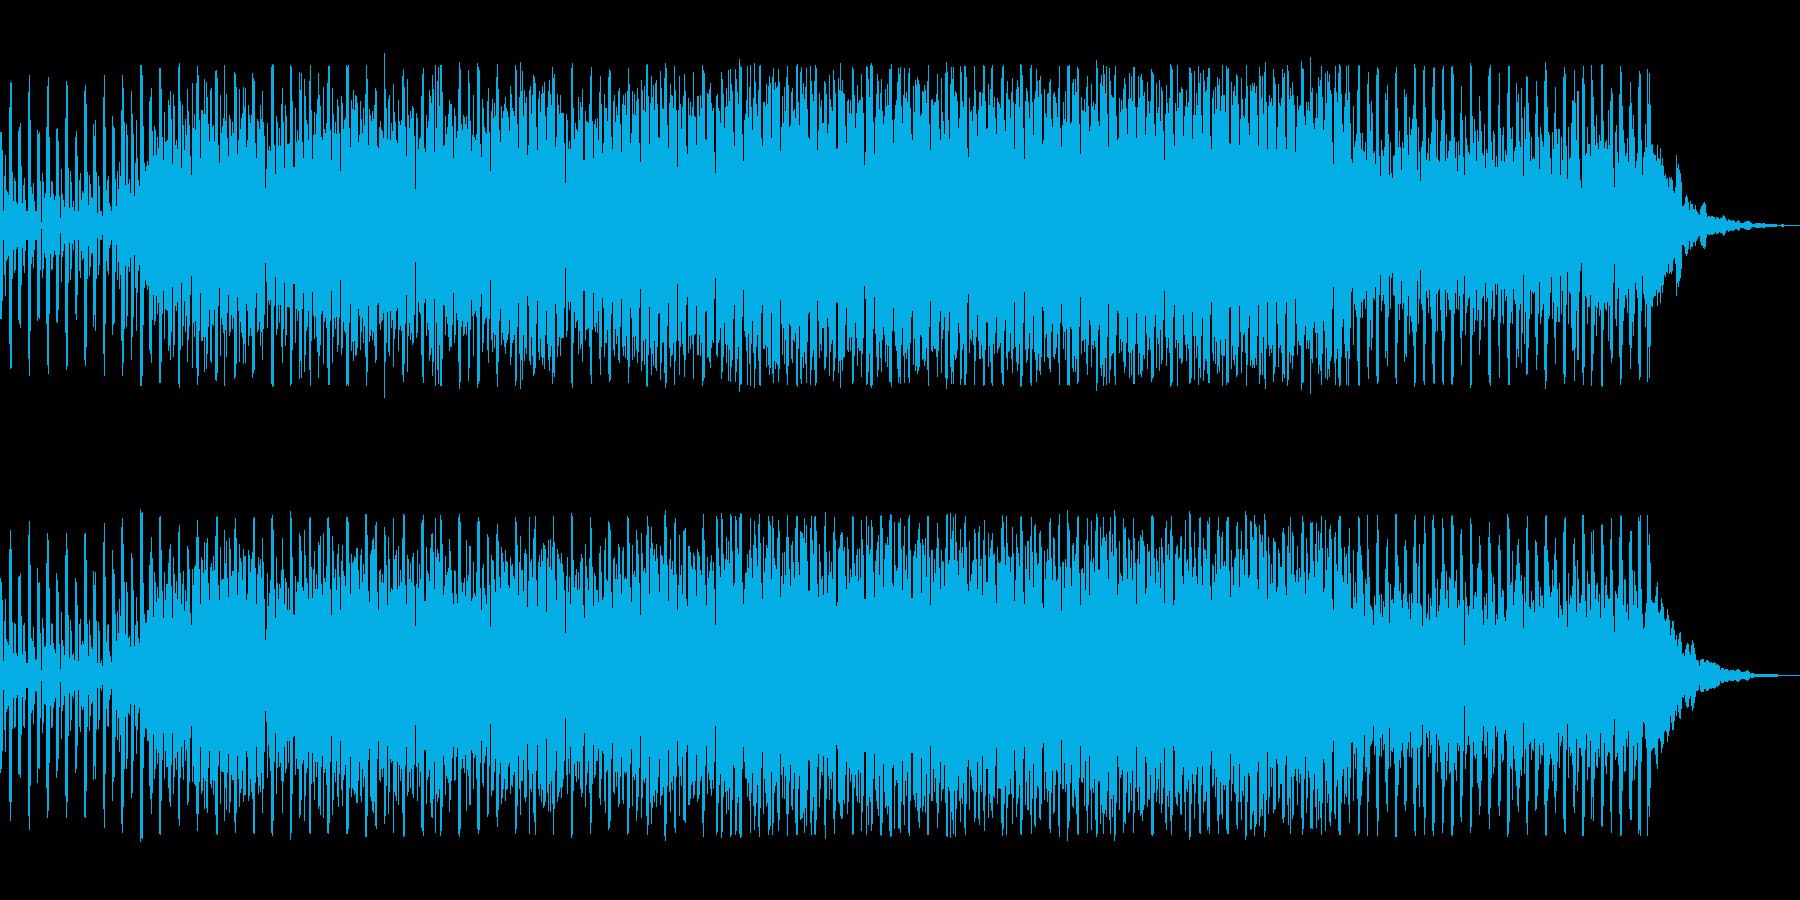 明るく前向きな始まりを思わせるBGMの再生済みの波形